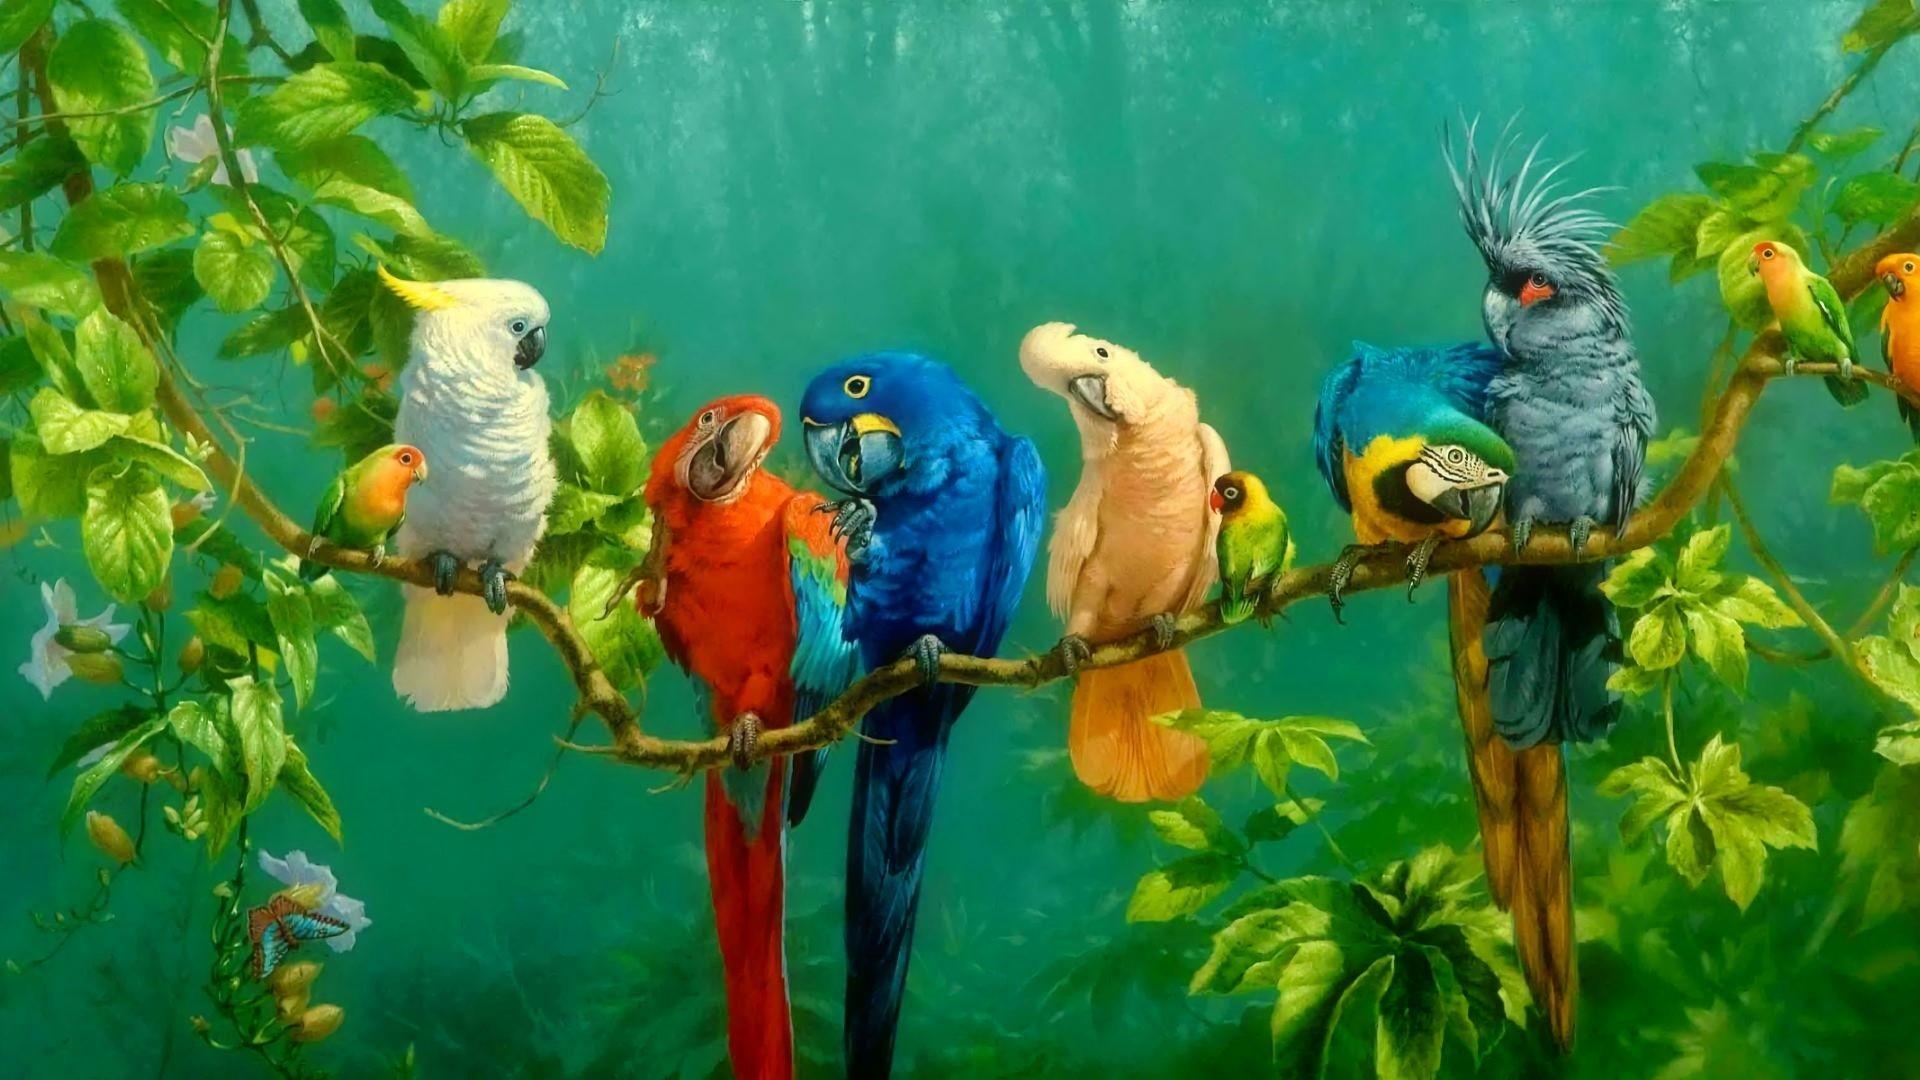 parrot birds images 4k